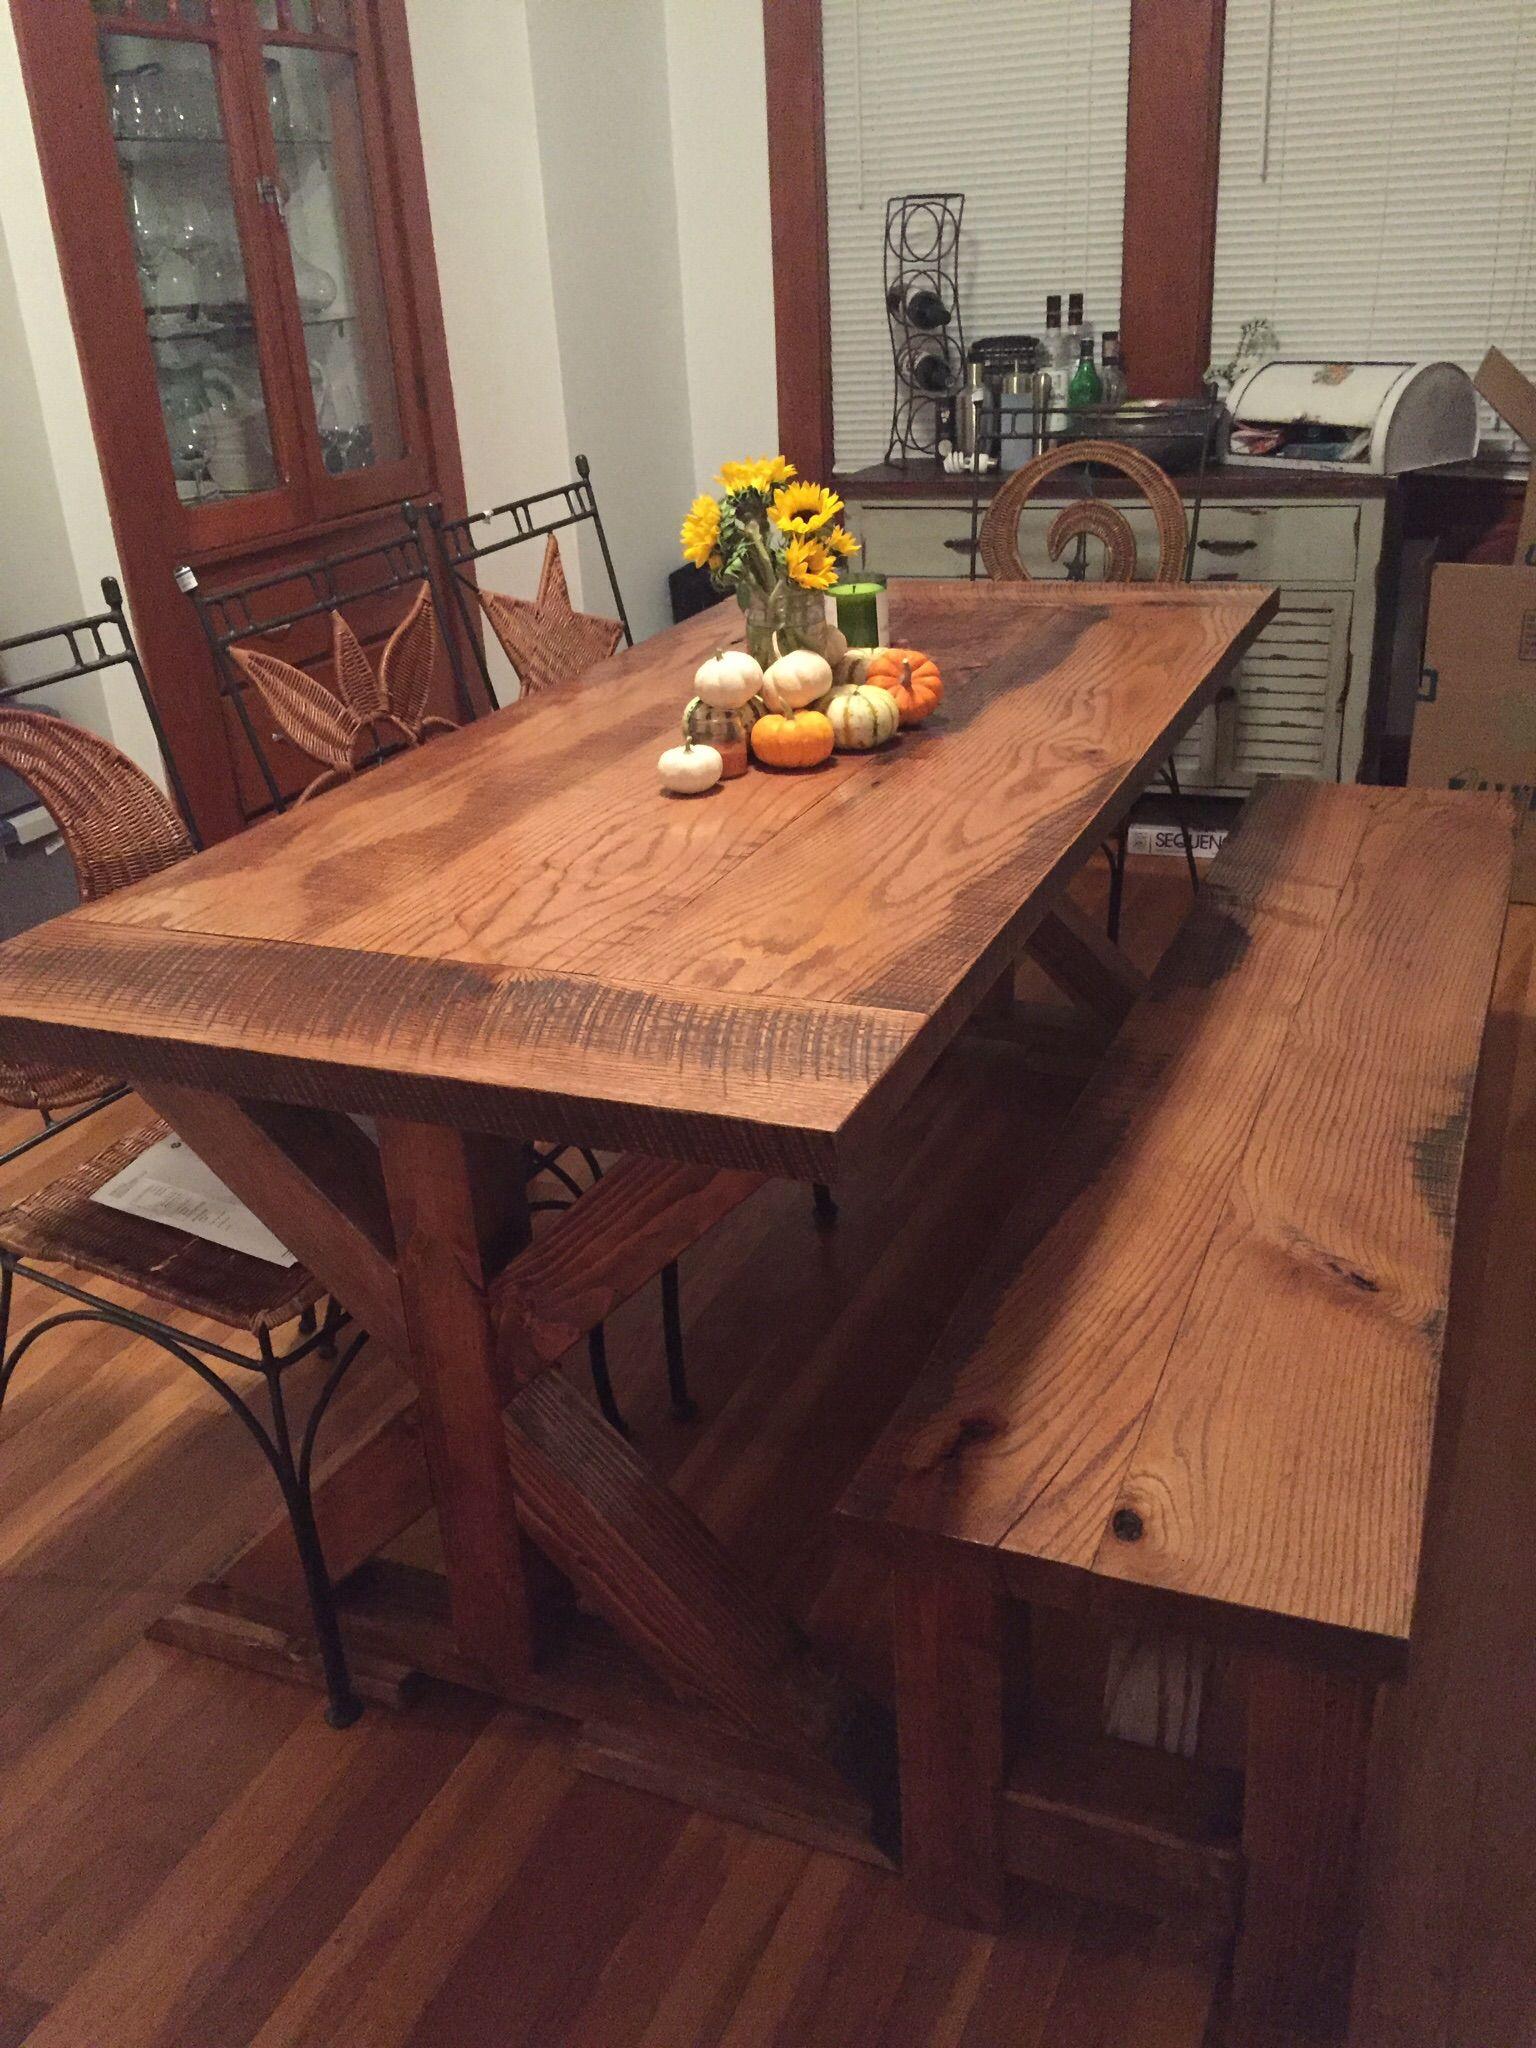 Handmade Reclaimed Oak Farm Table With X Base By Virginia Build Works